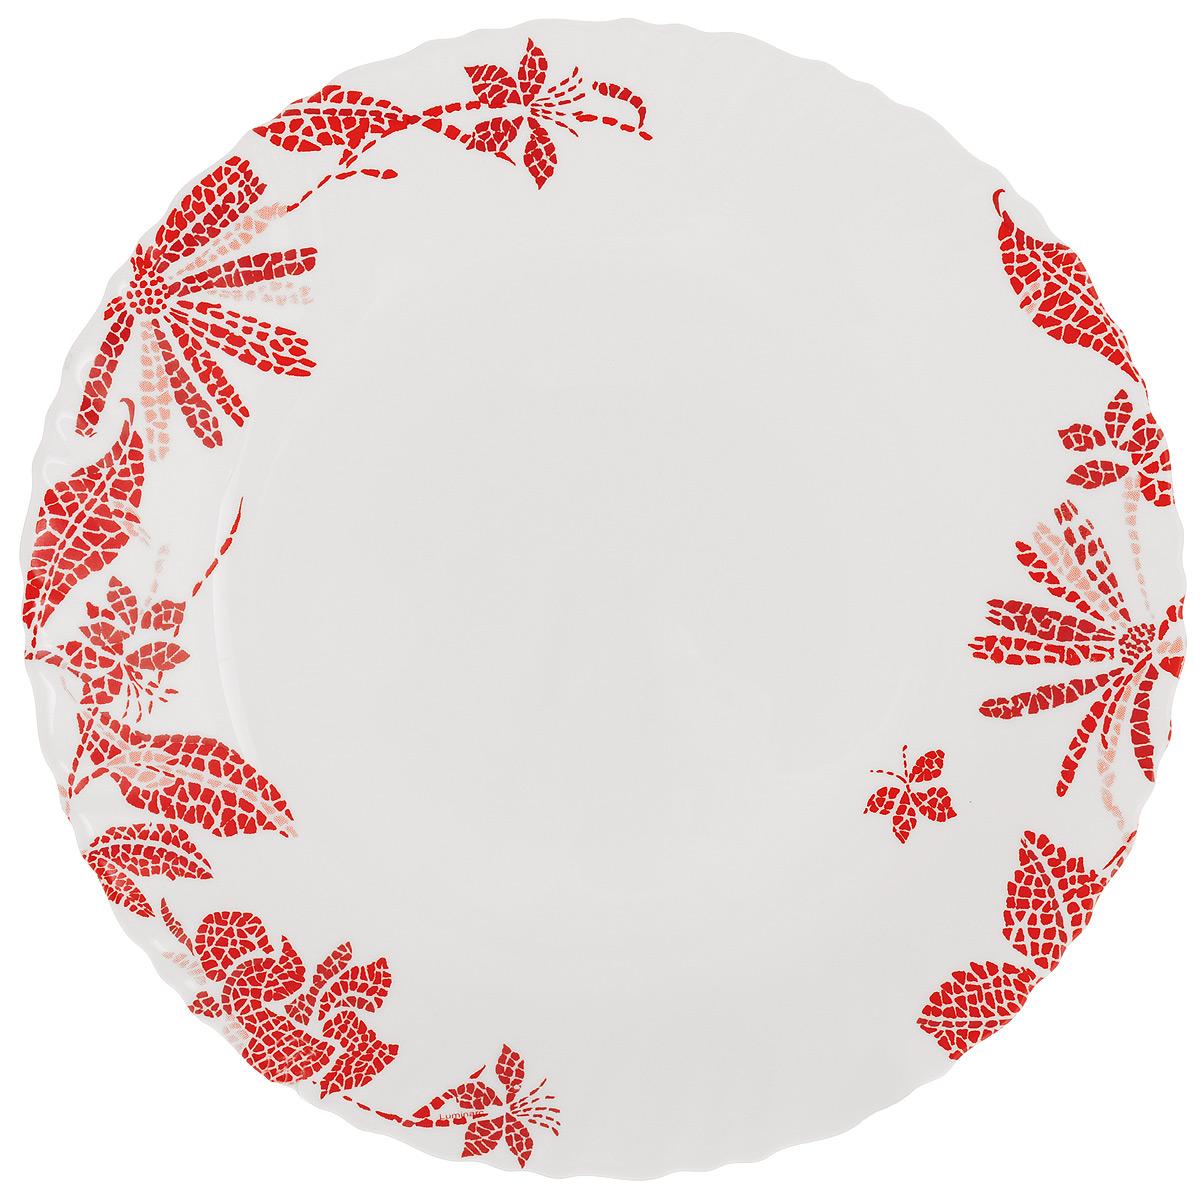 Тарелка обеденная Luminarc Romancia, диаметр 25 смFS-91909Обеденная тарелка Luminarc Romancia, изготовленная из высококачественного стекла, имеет изысканный внешний вид. Яркий дизайн придется по вкусу и ценителям классики, и тем, кто предпочитает утонченность. Тарелка Luminarc Romancia идеально подойдет для сервировки стола и станет отличным подарком к любому празднику.Диаметр (по верхнему краю): 25 см.